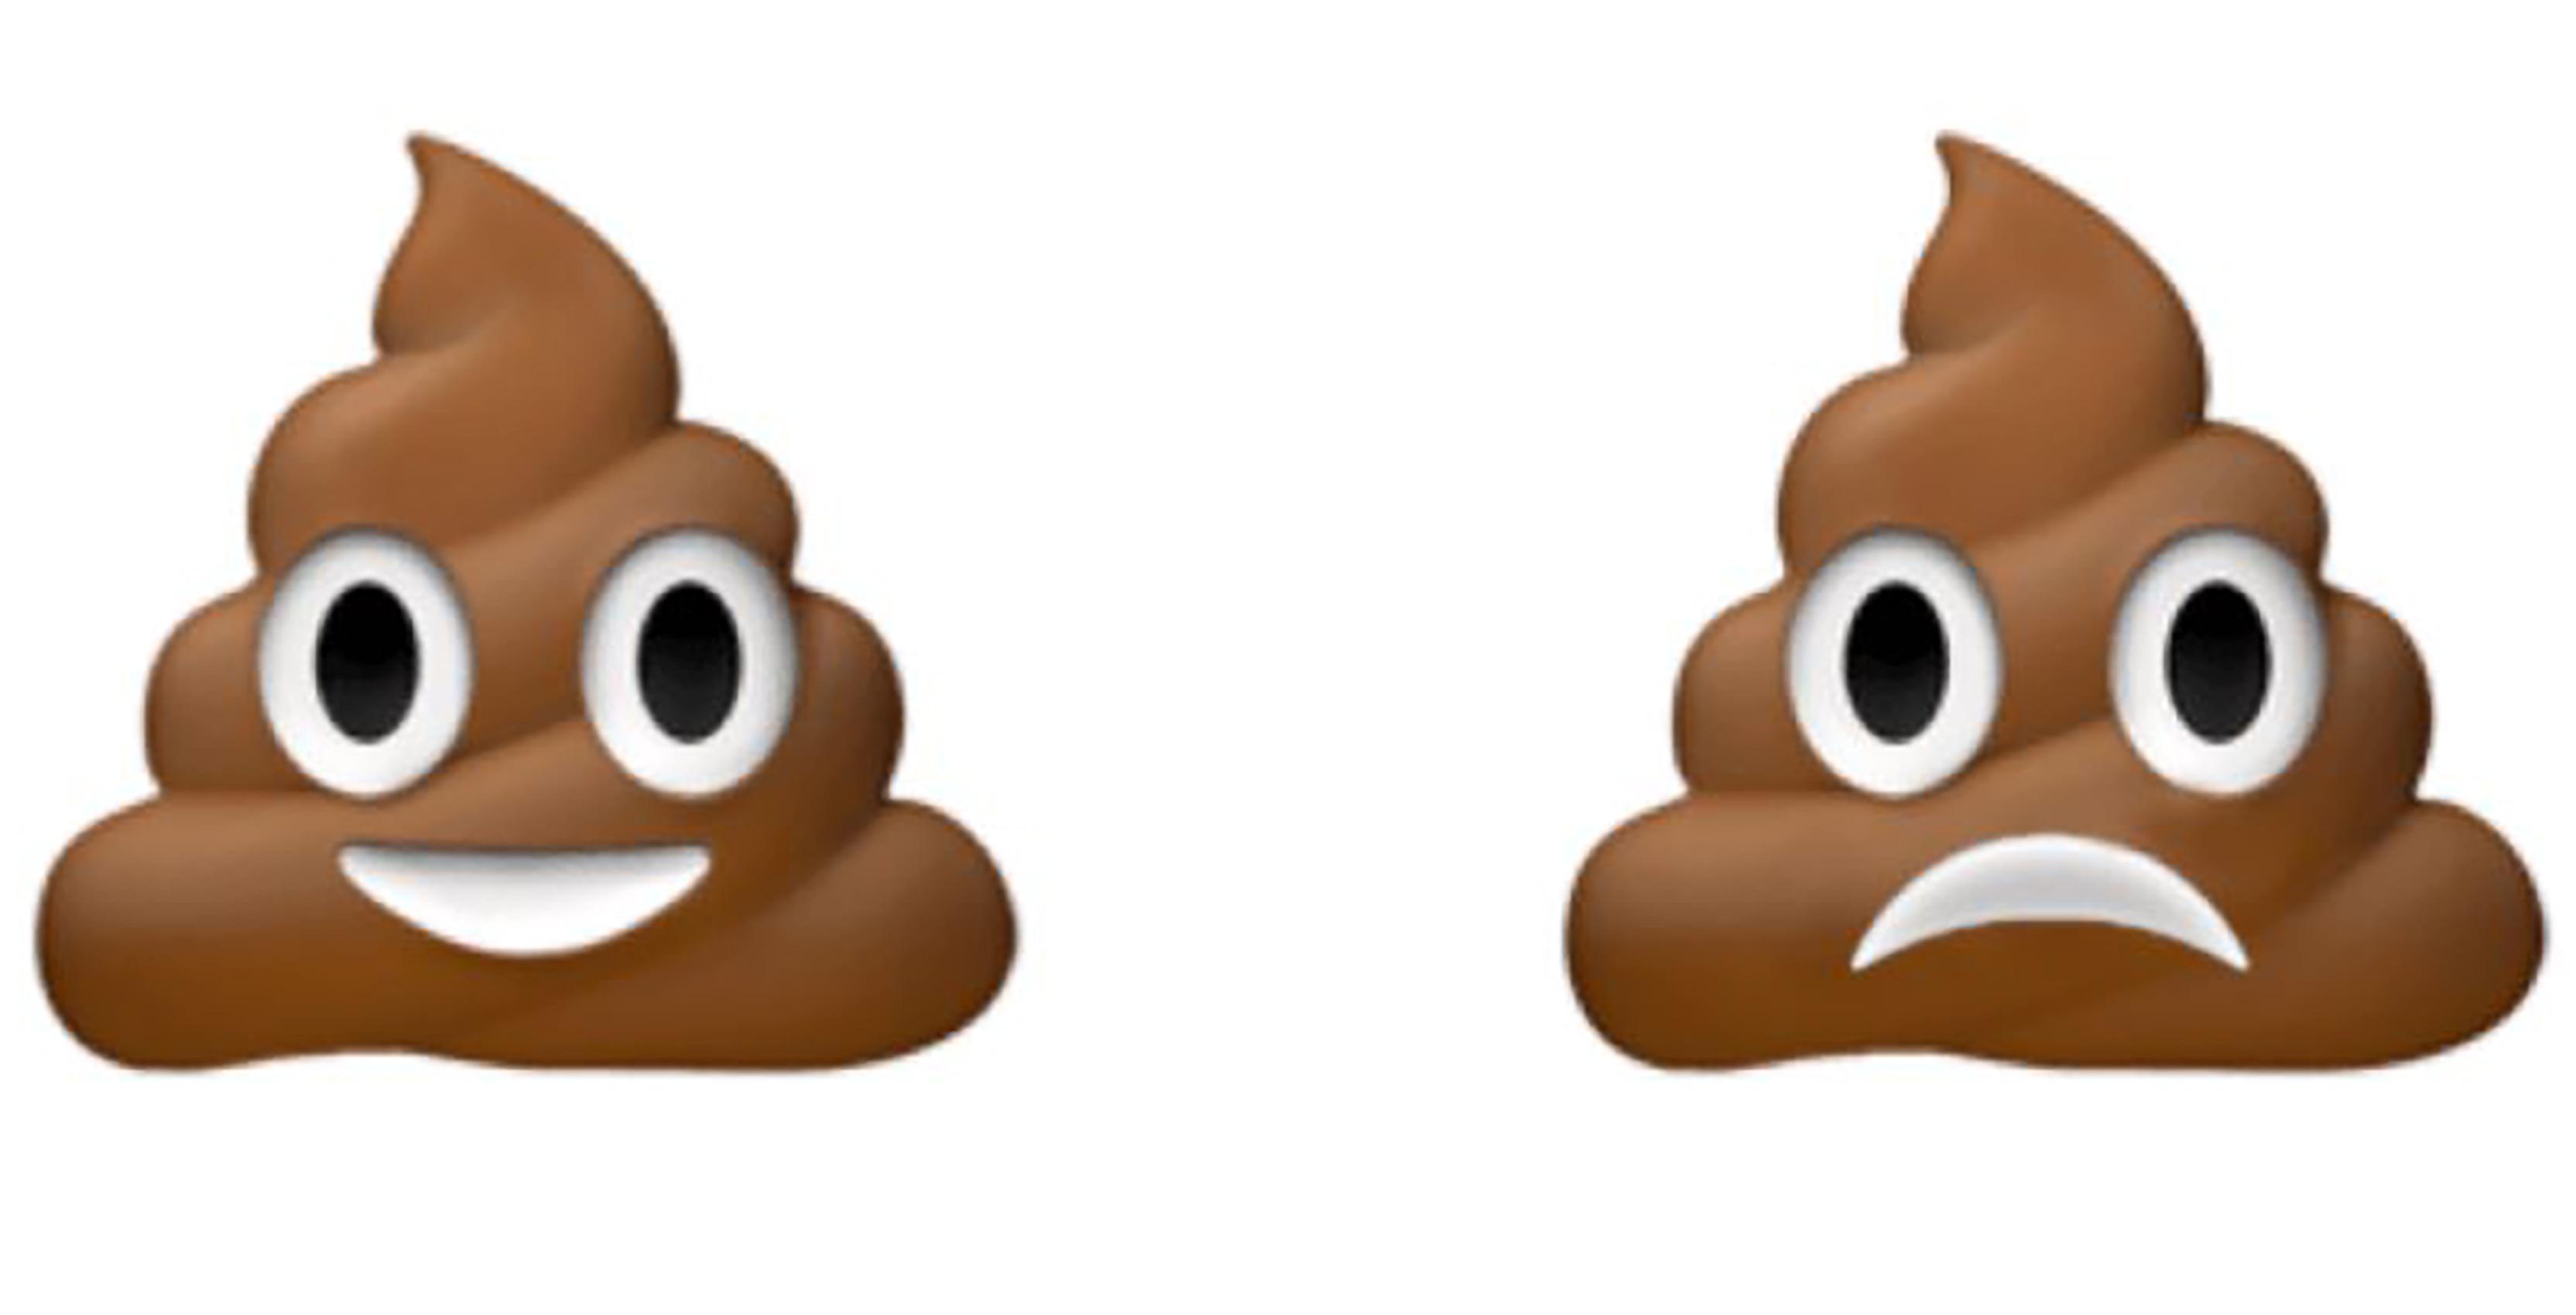 poop-emojis.jpg